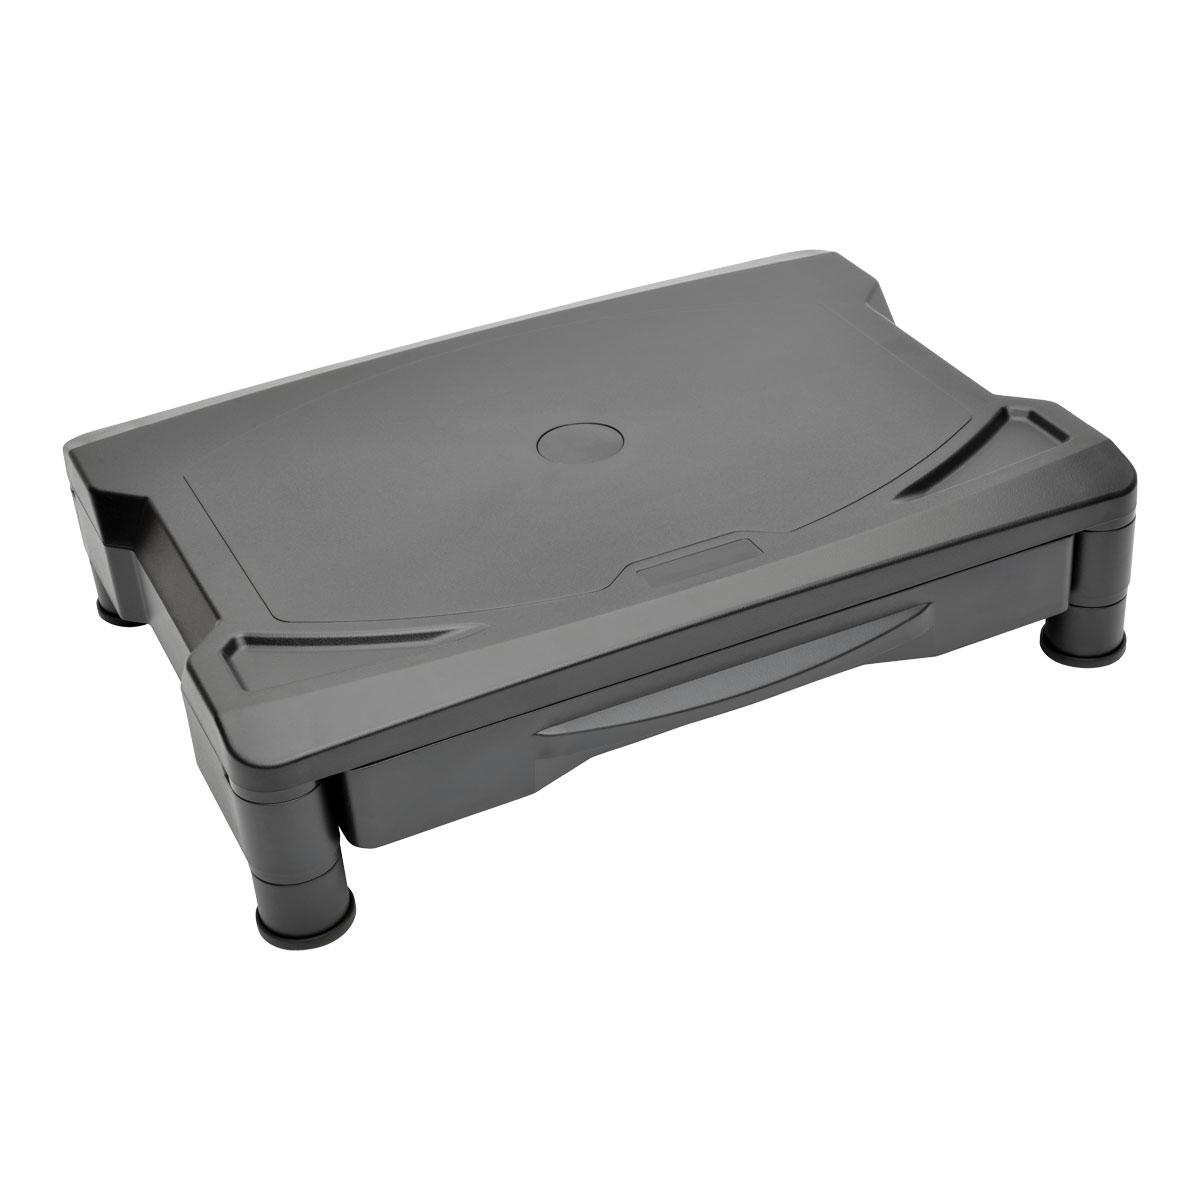 Tripp Lite MR1612D1 flat panel accessory